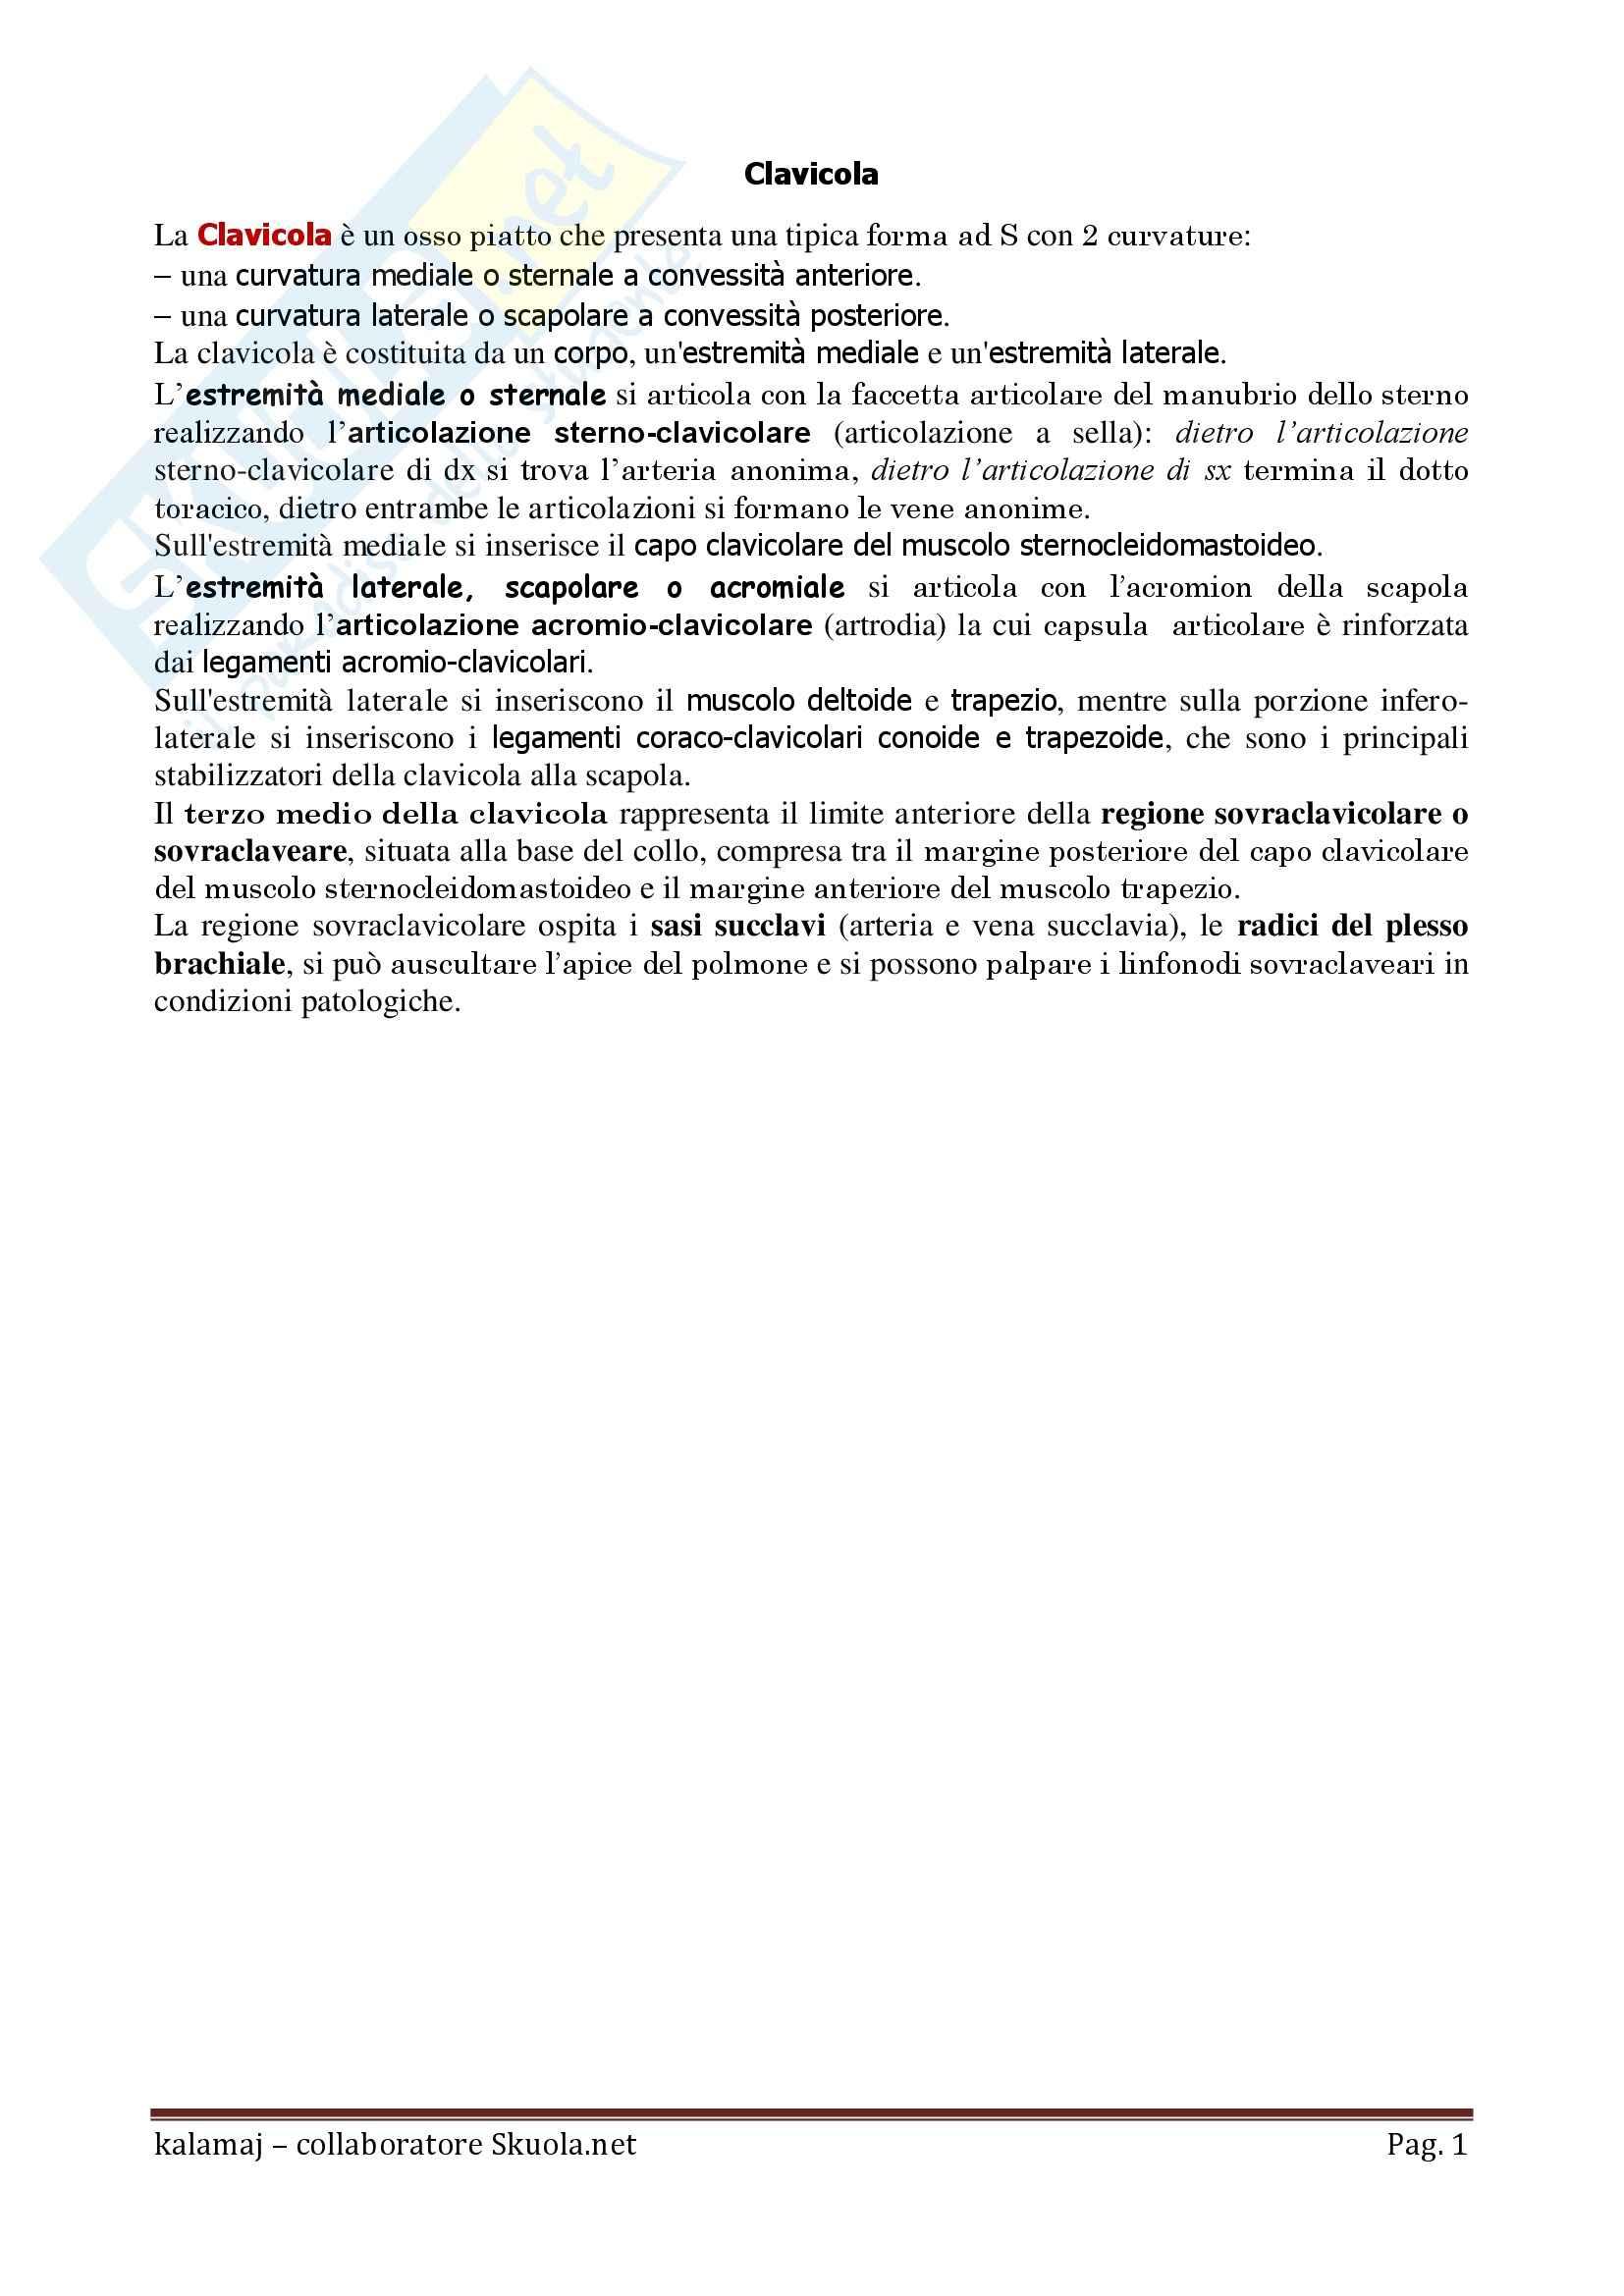 Anatomia umana - Clavicola